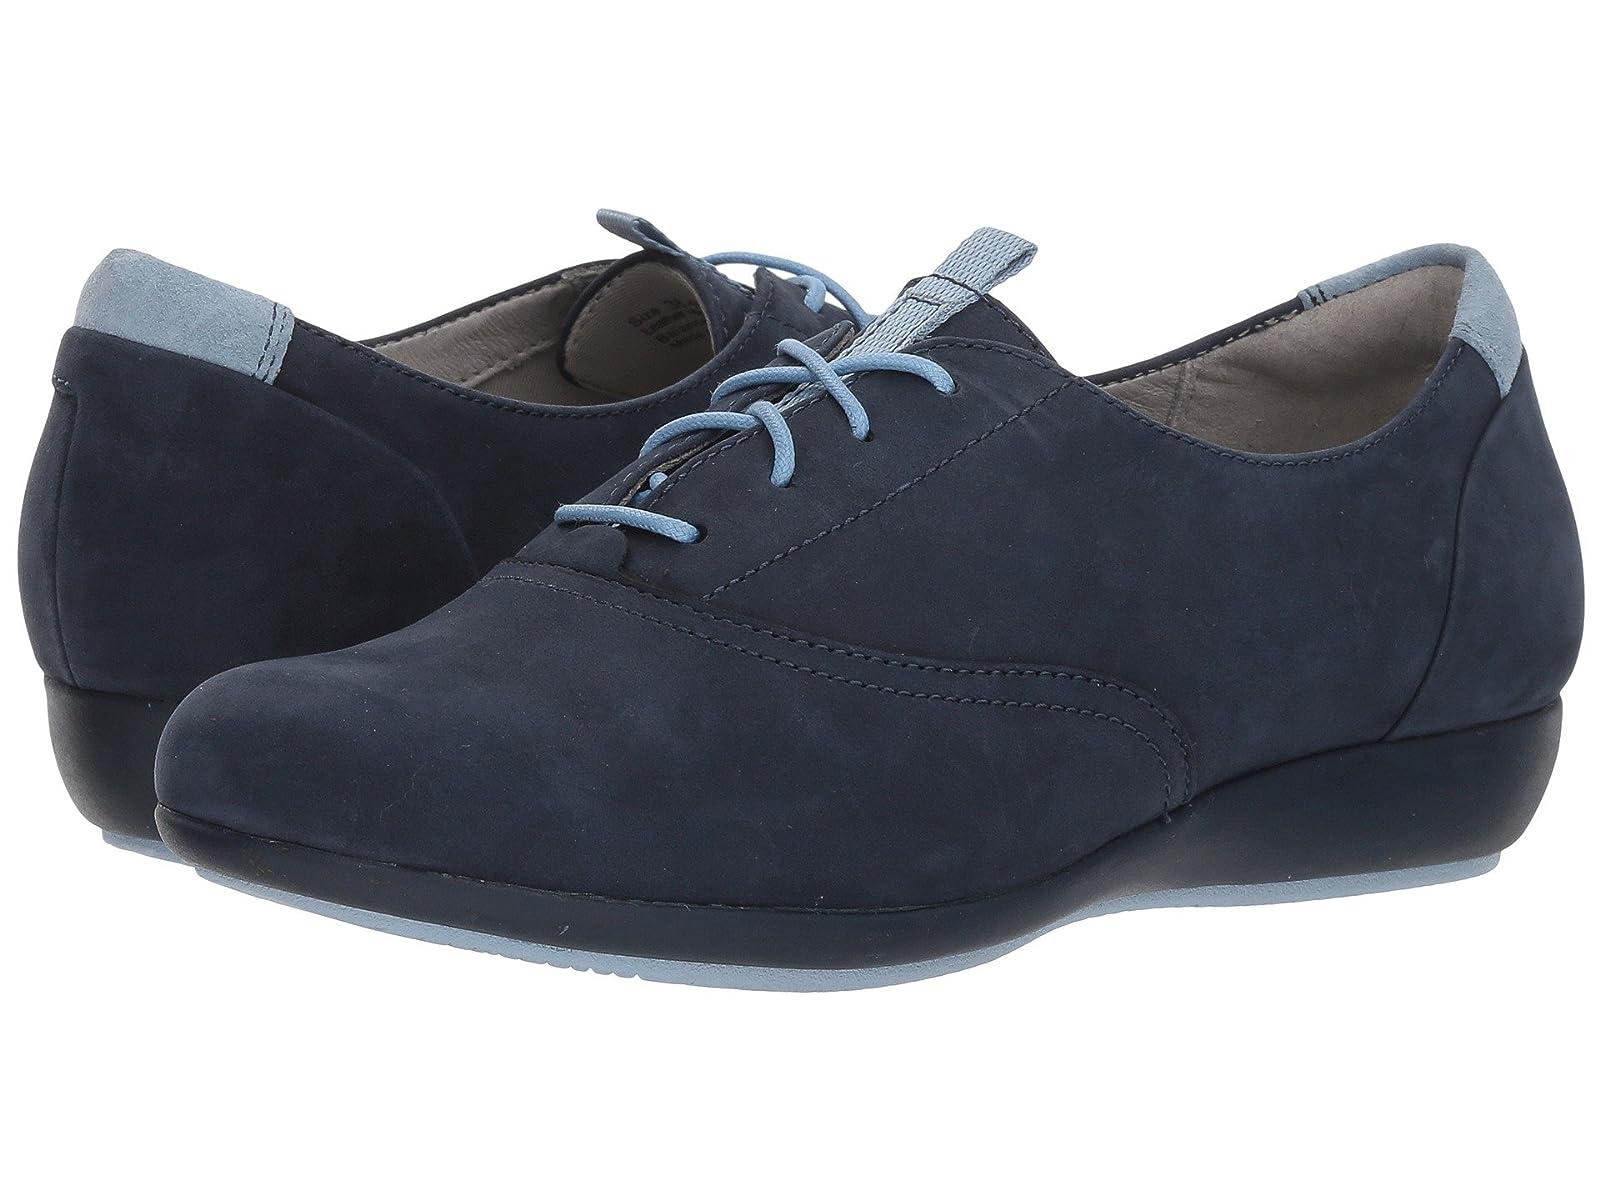 Dansko KimiAtmospheric grades have affordable shoes